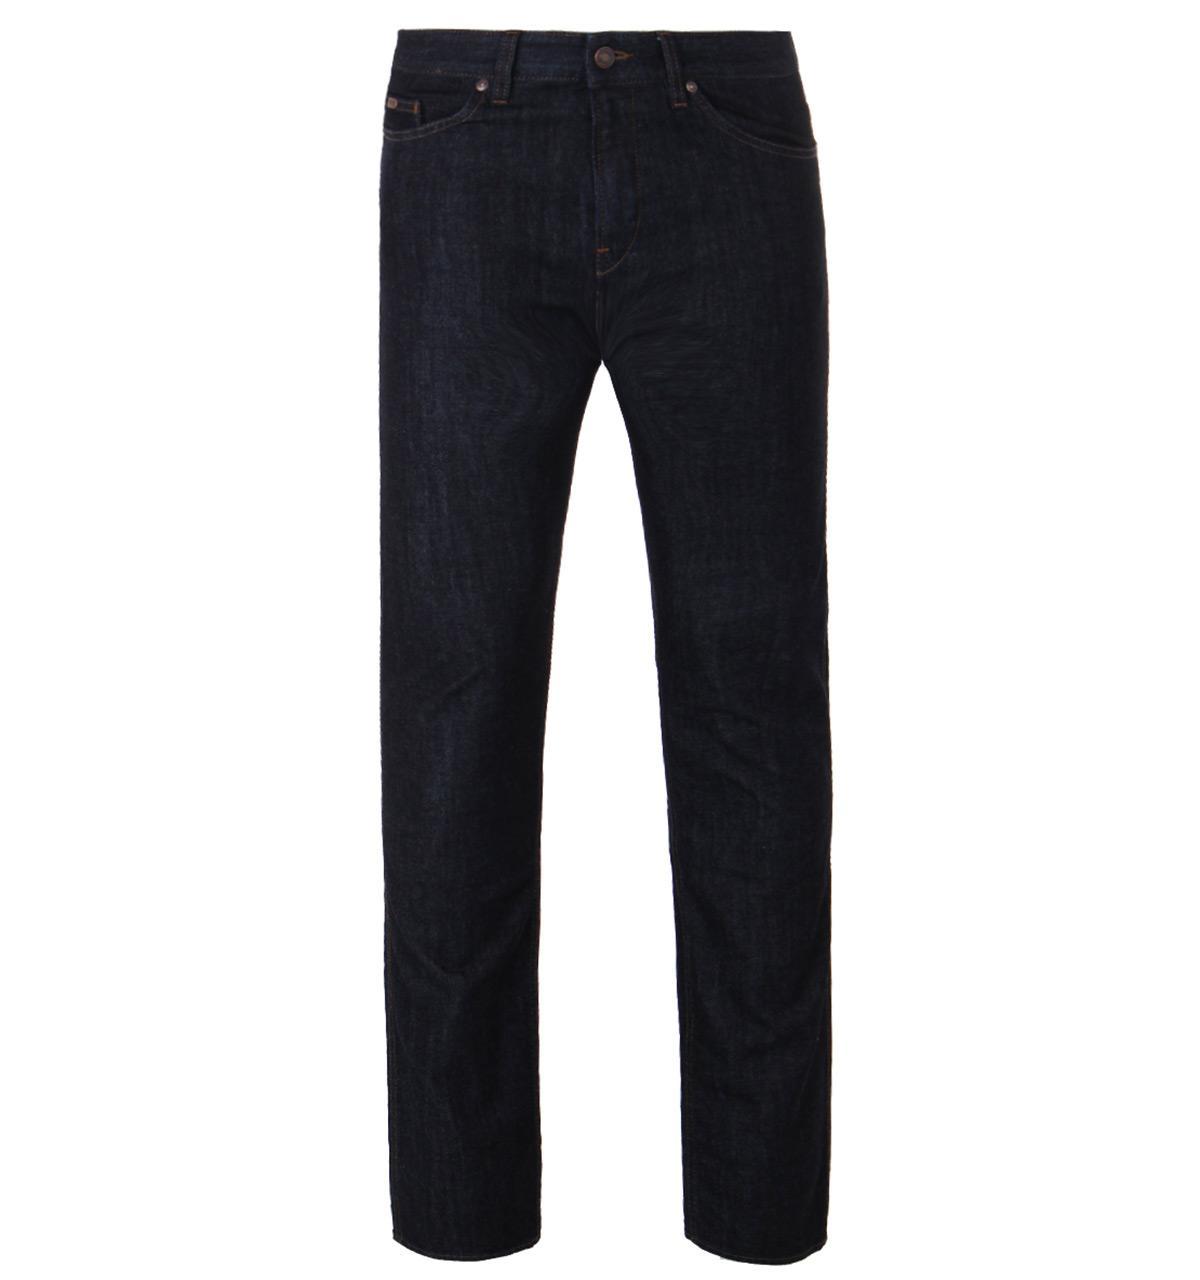 BOSS Green. Men's Blue C-delaware 1 Dark Indigo Medium Wash Slim Fit Jeans